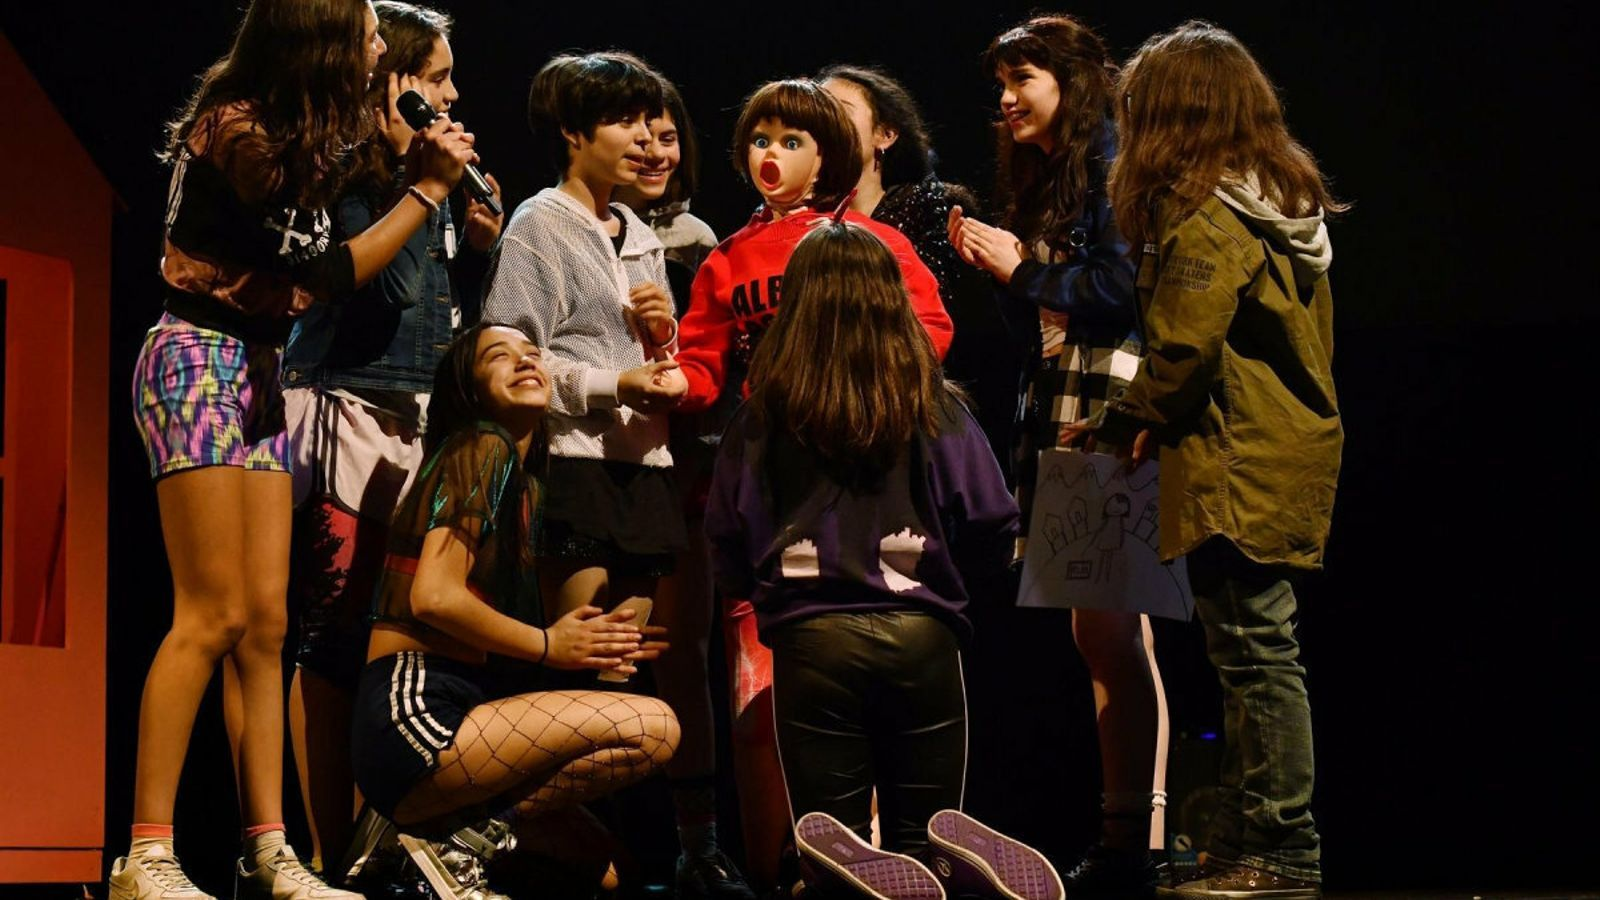 El crit de nou adolescents xilenes contra la violència de gènere